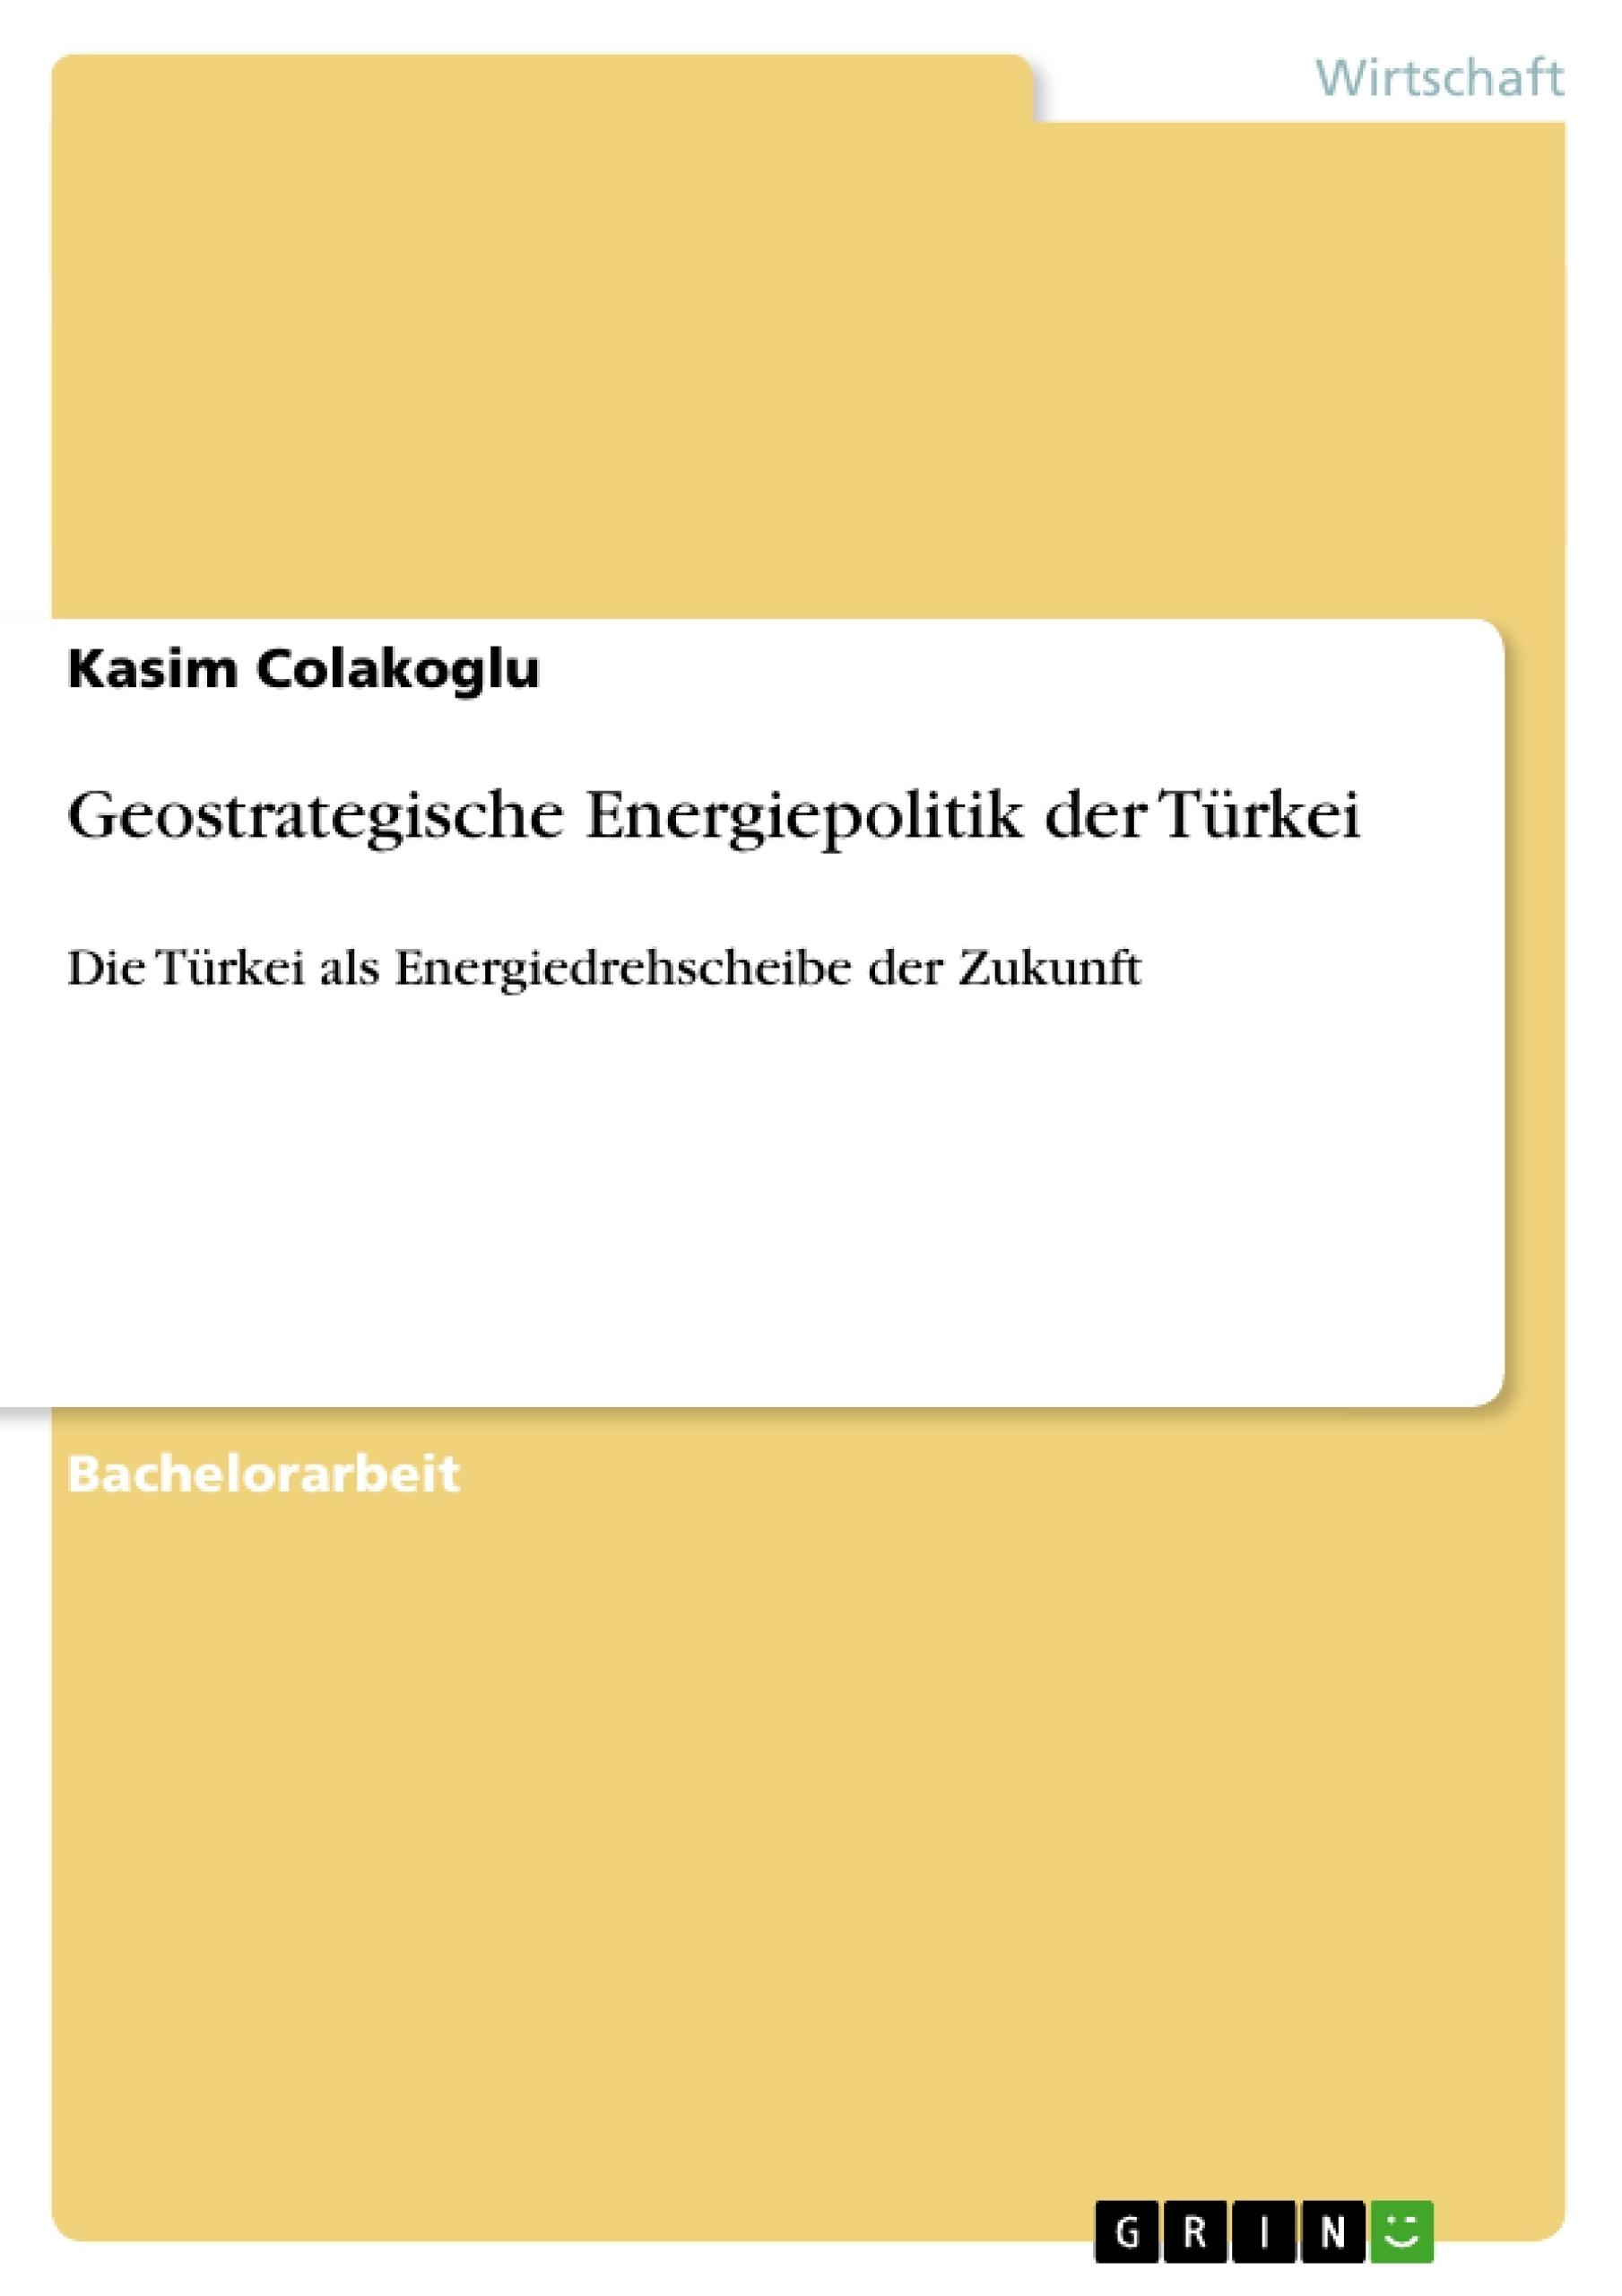 Titel: Geostrategische Energiepolitik der Türkei